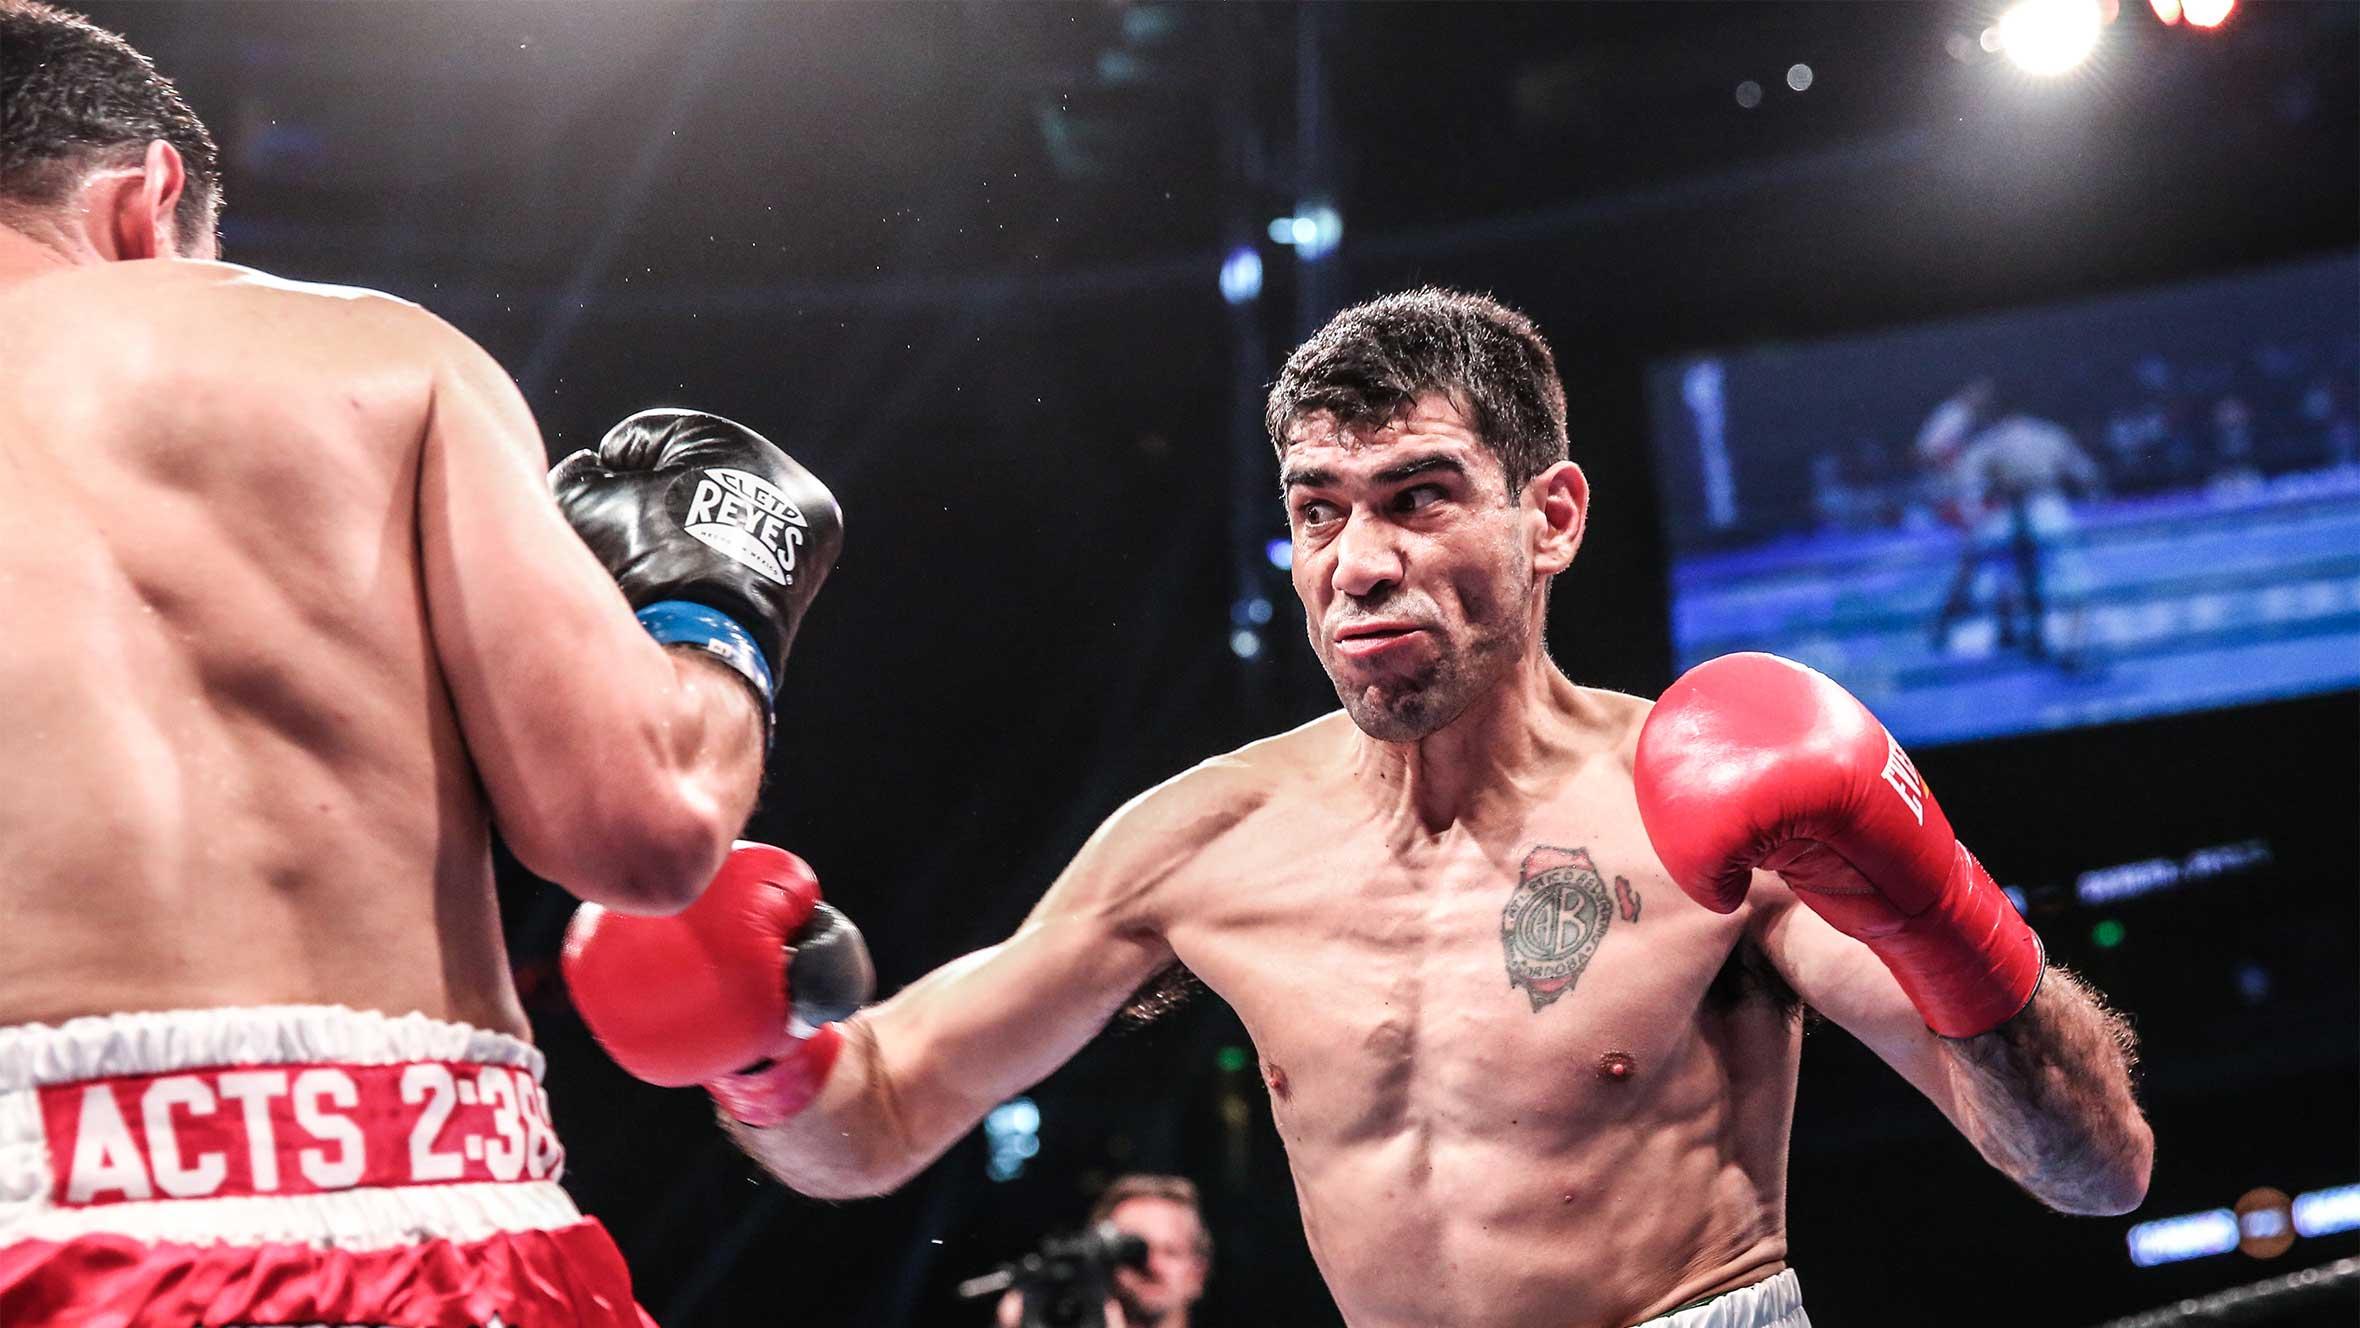 Fight Night - Guerrero vs Peralta